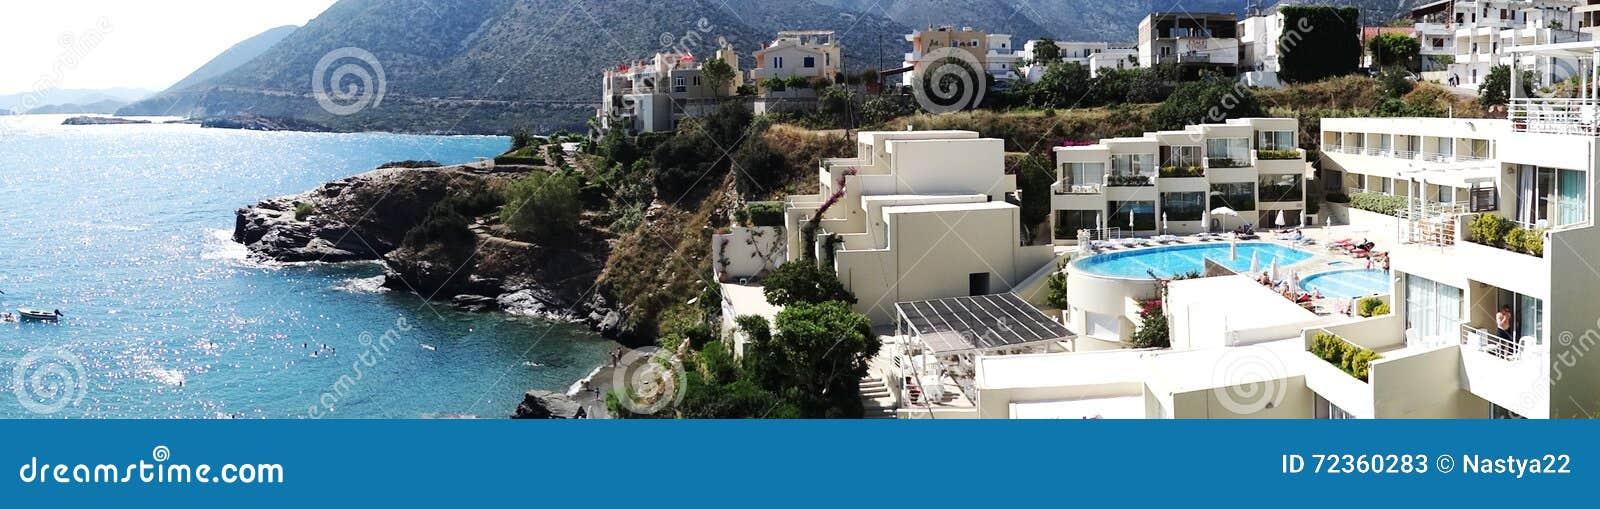 豪华旅馆大厦阳台和大阳台希腊